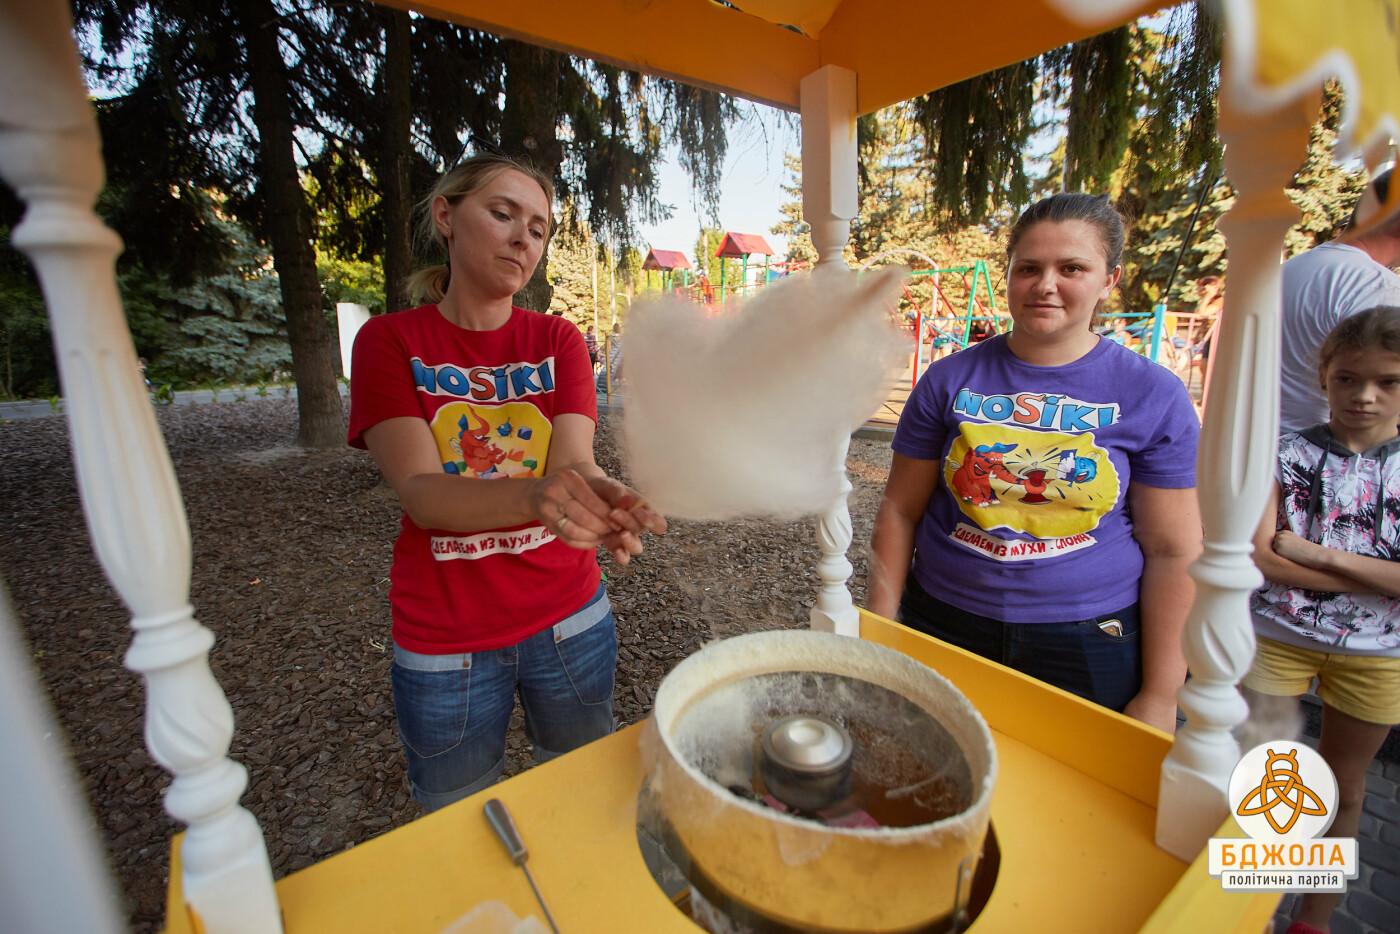 Детский праздник в Каменском организовала ПП «Бджола», фото-5